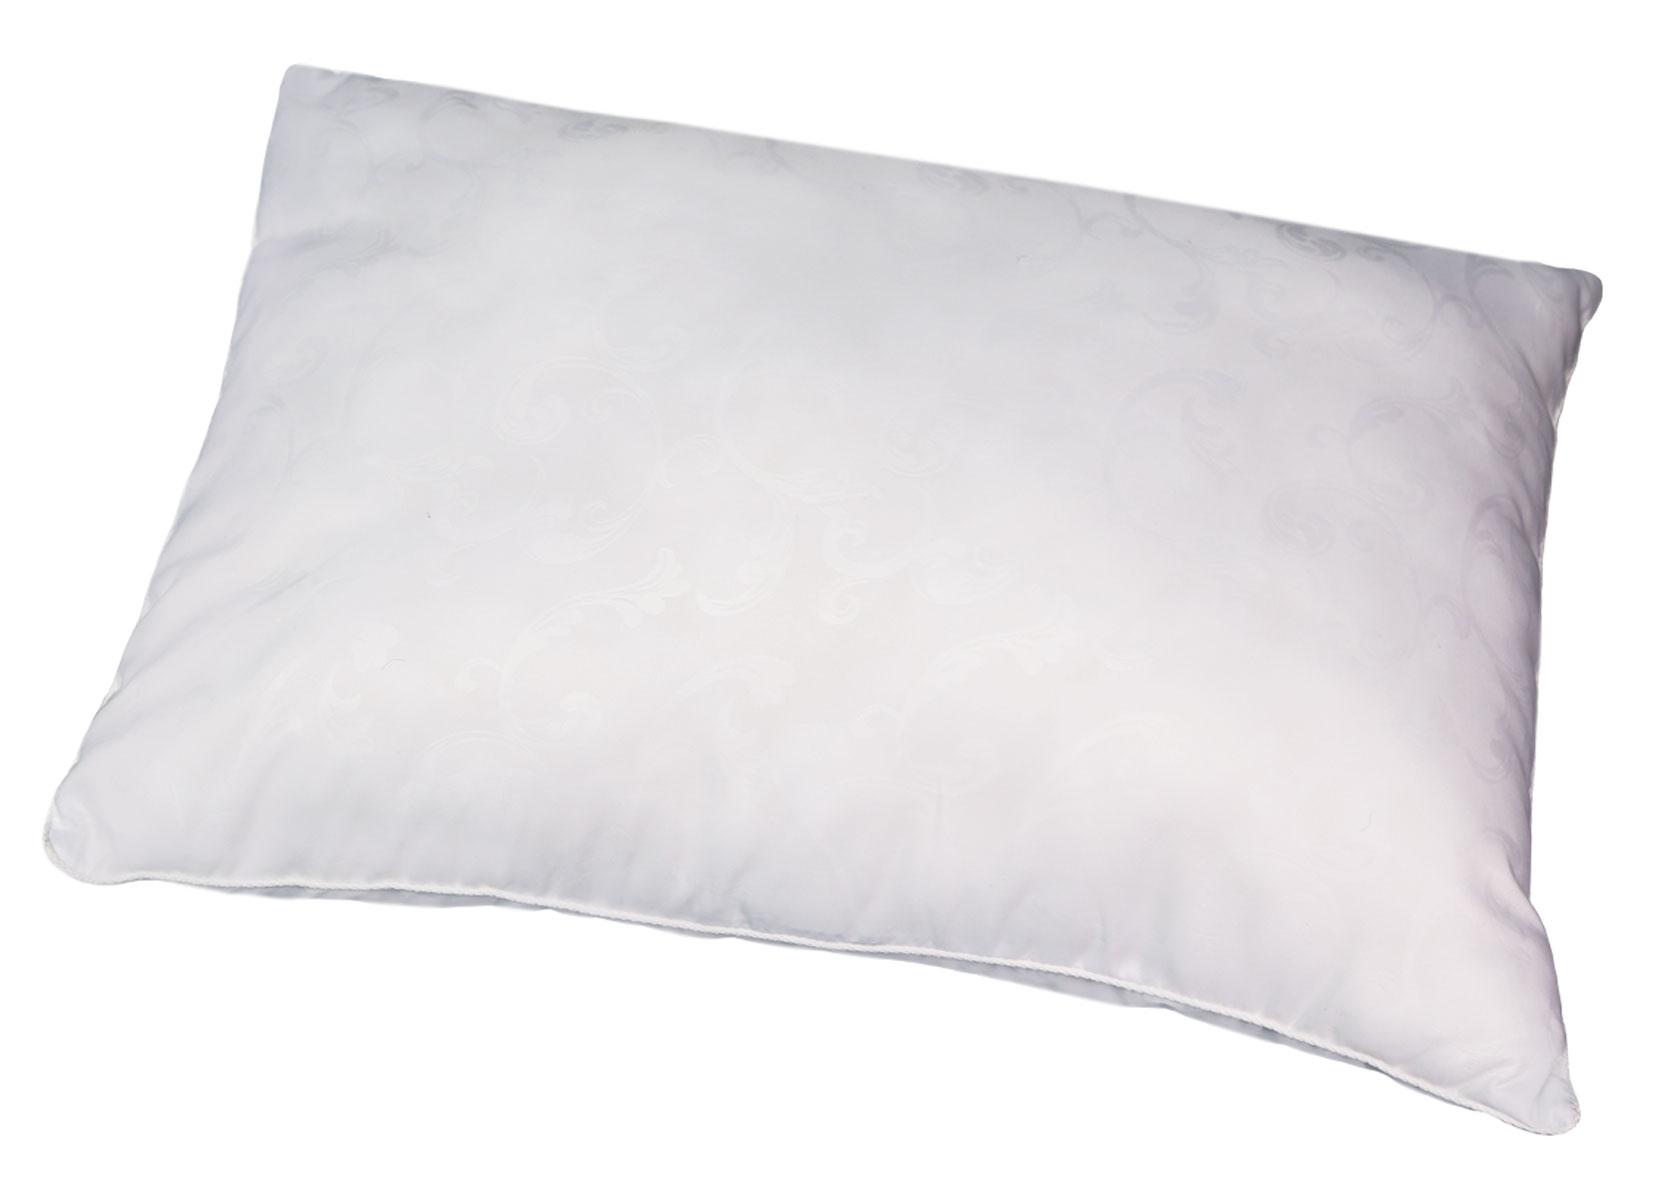 Подушка Bio-Textiles Сила природы, наполнитель: полиэстер, цвет: белый, 50 х 70 см. SP677 world textiles a sourcebook